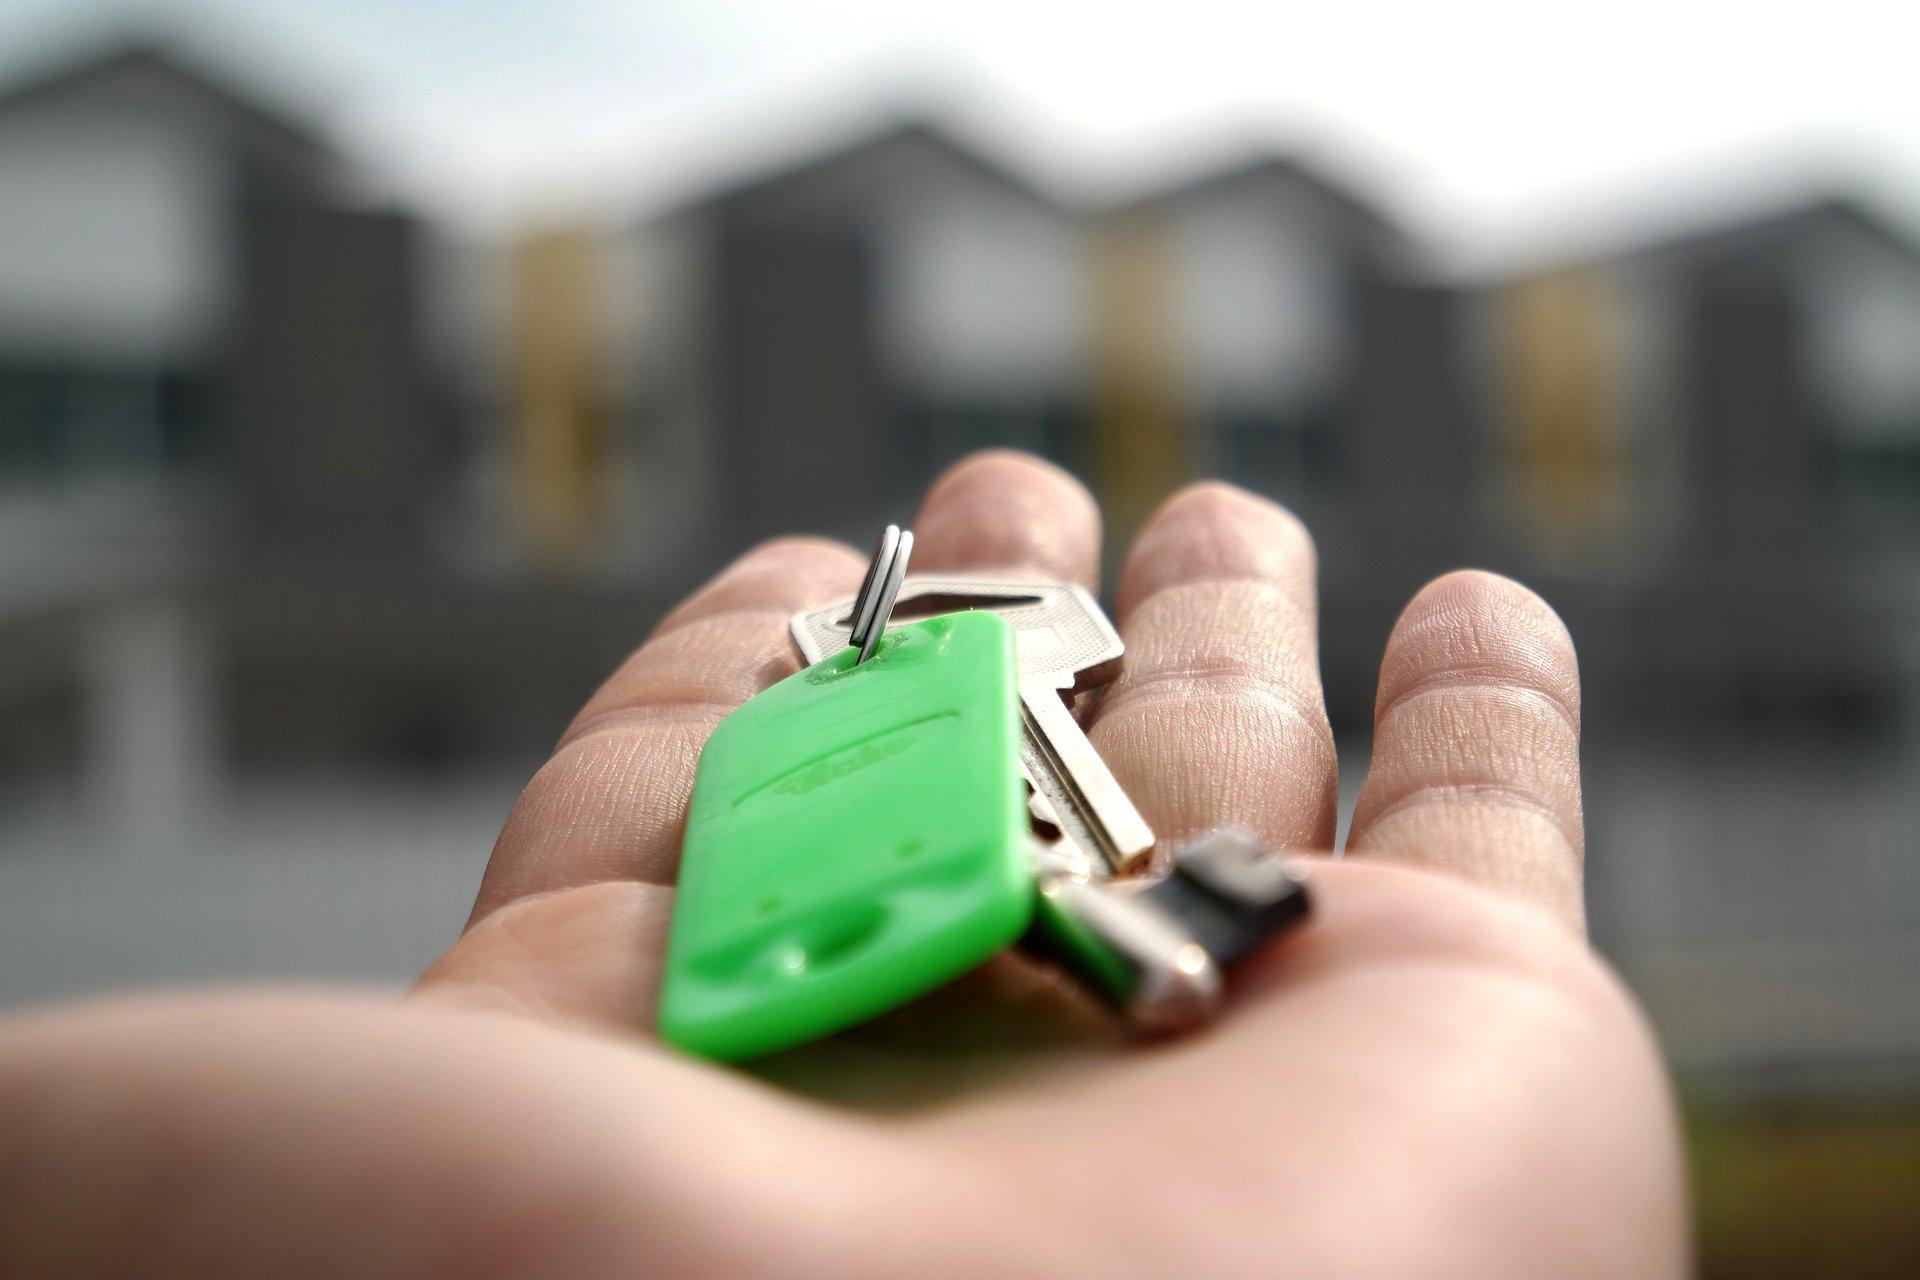 Wohnungsschlüssel auf der Hand